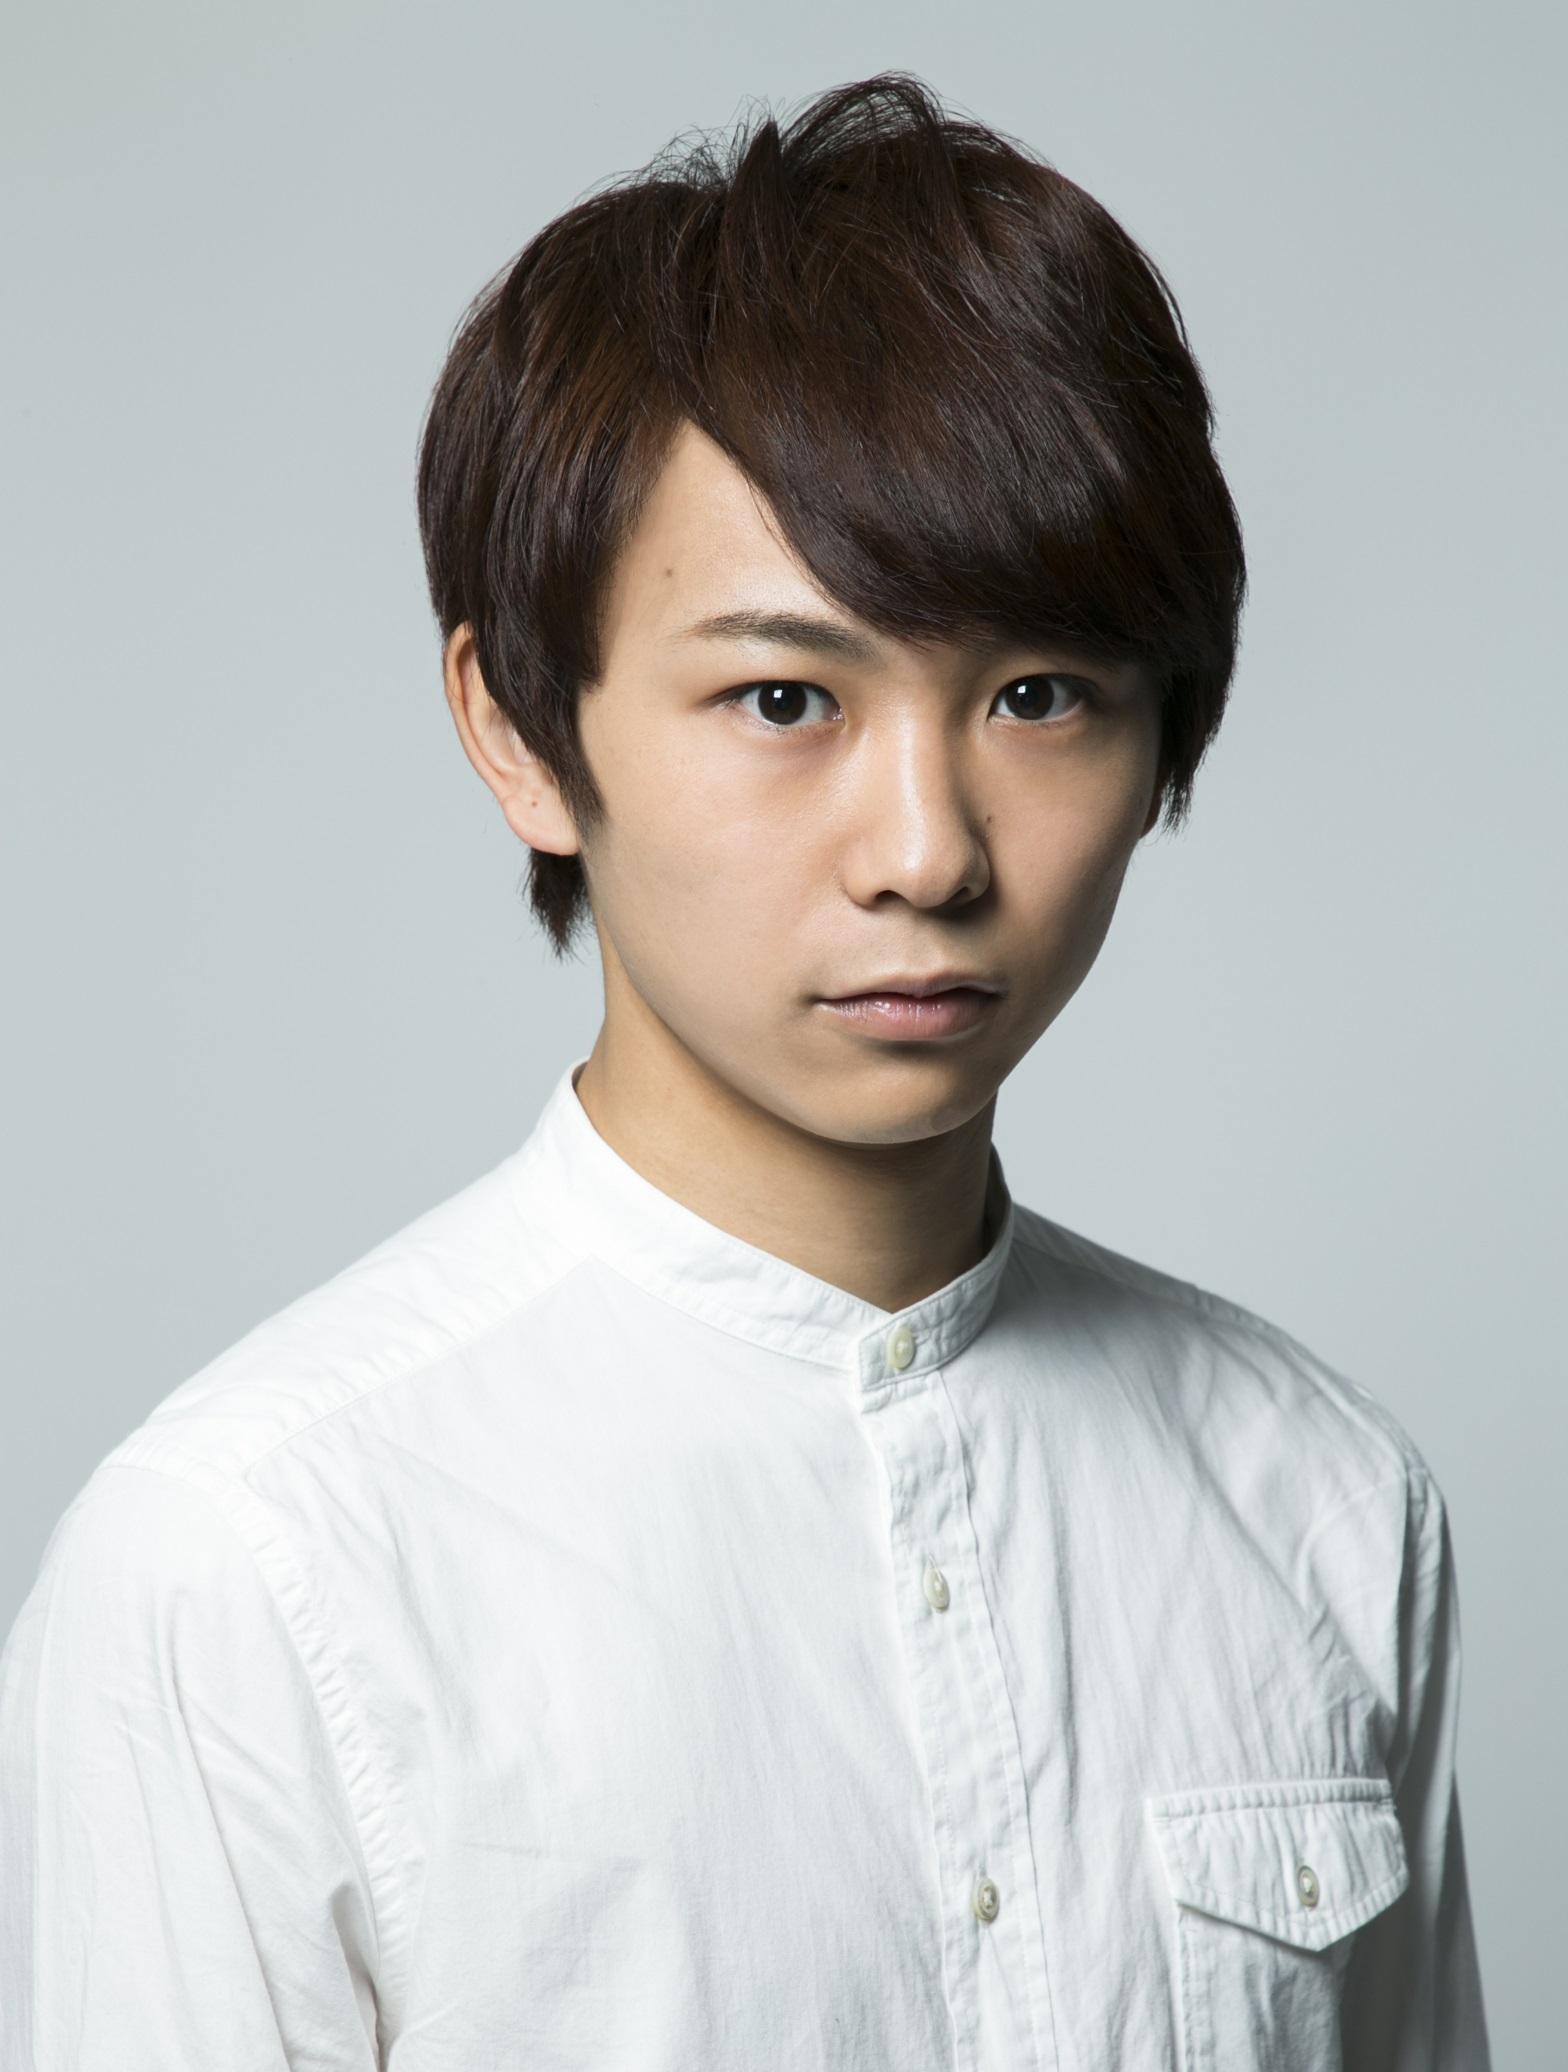 須賀健太(スガケンタ) | ホリプロオフィシャルサイト